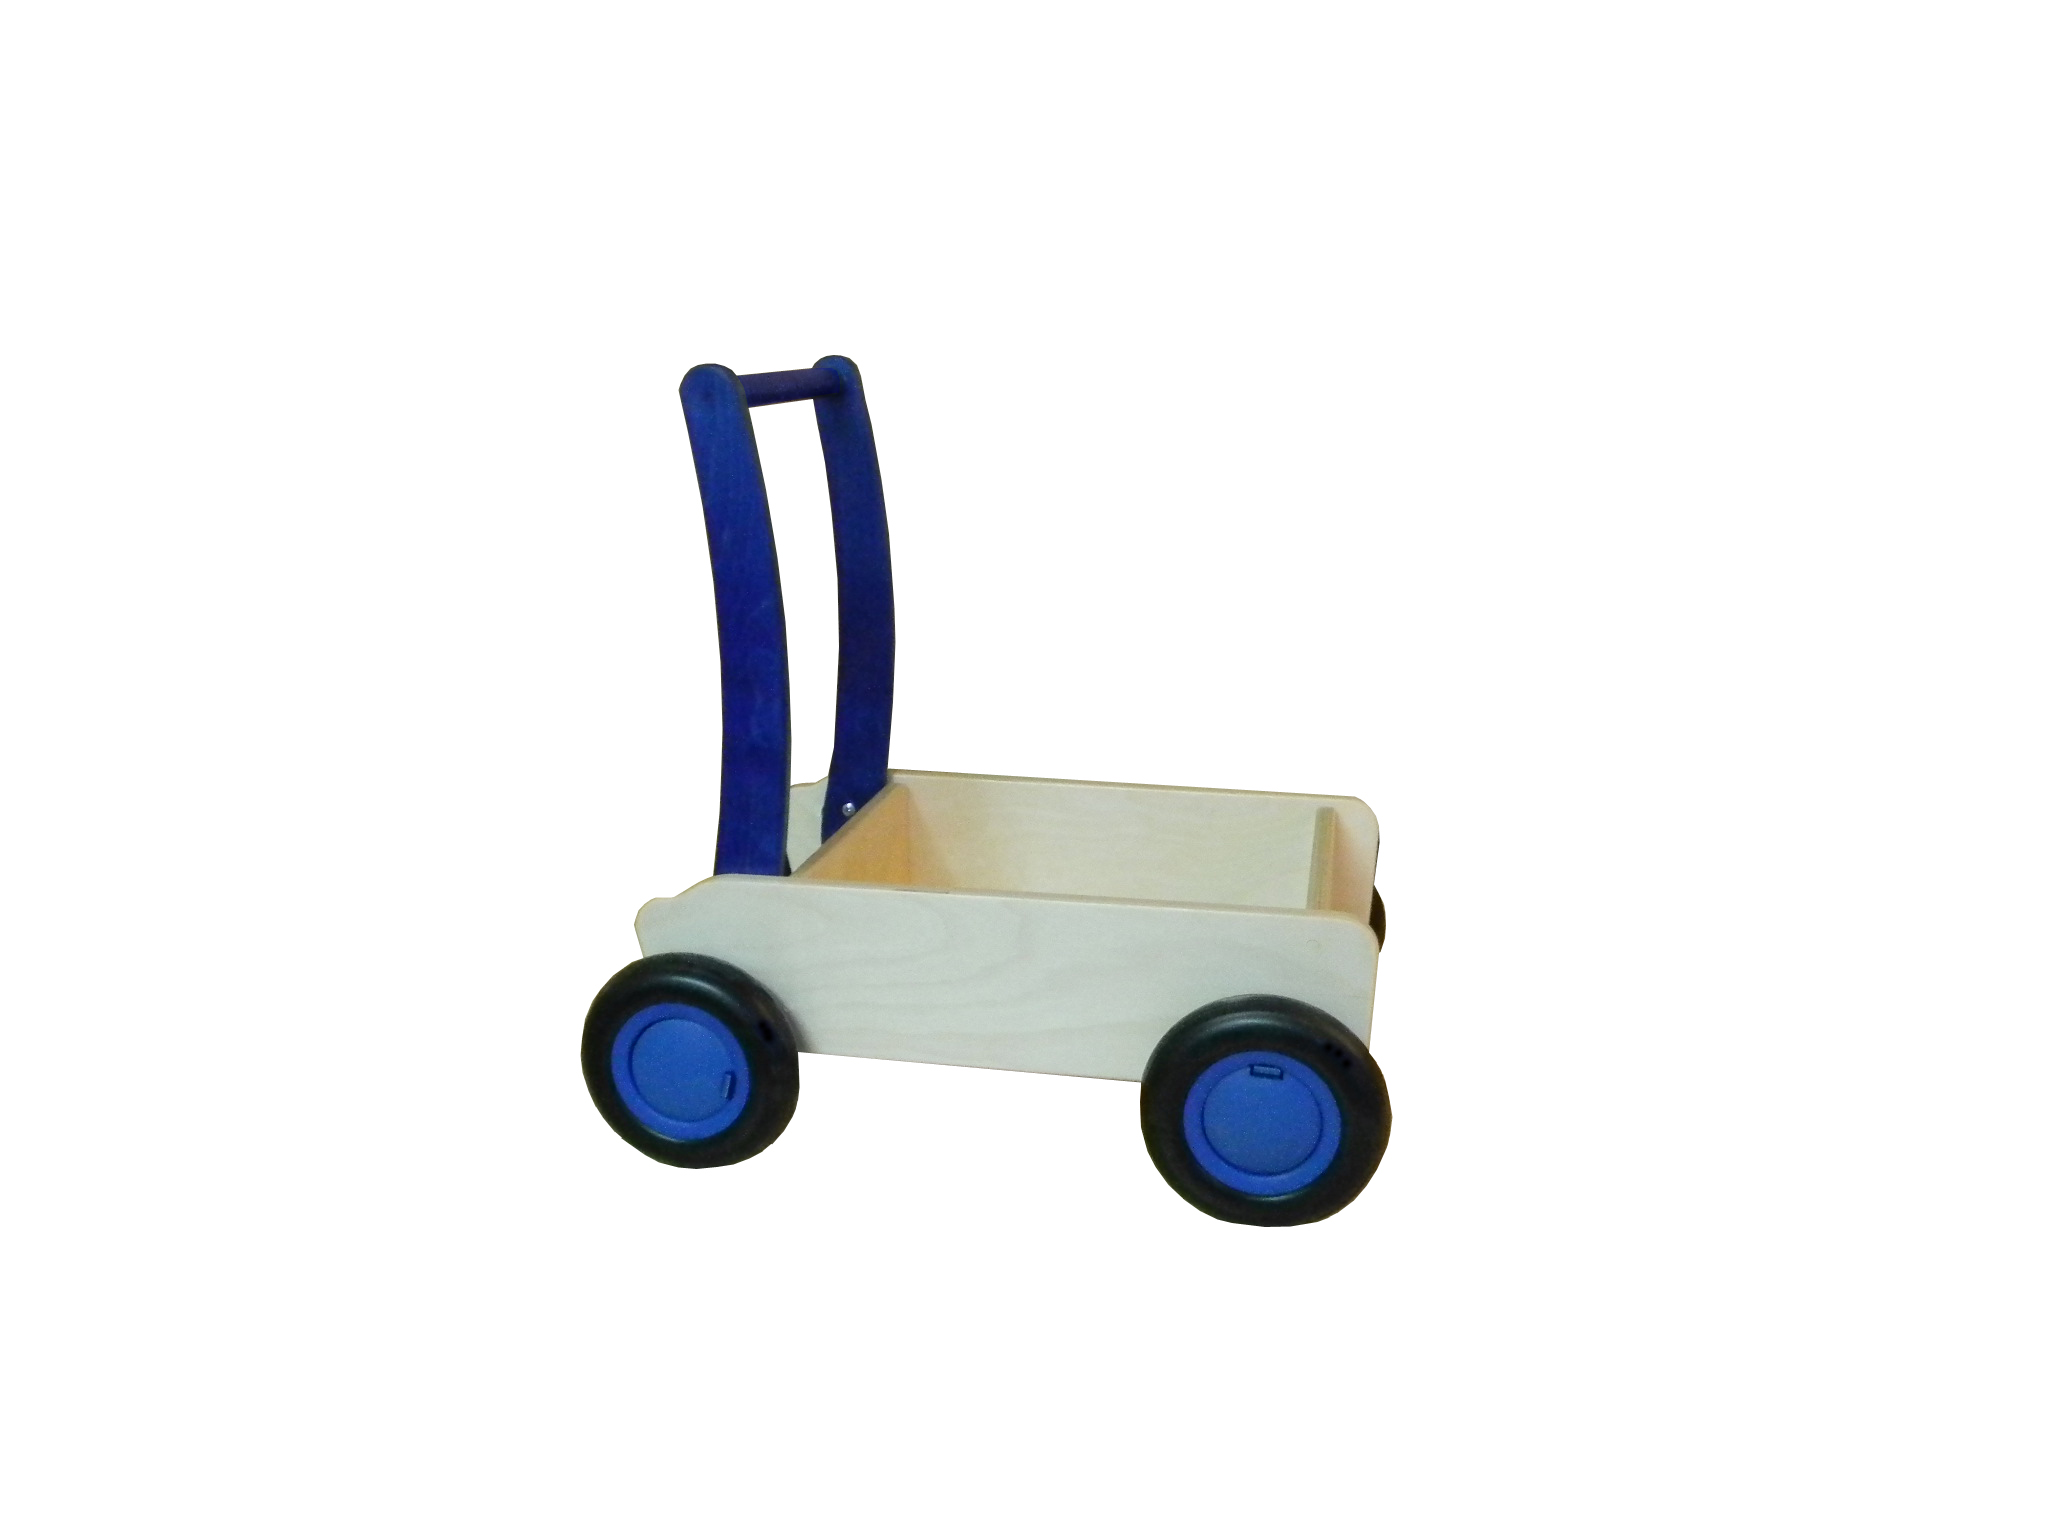 Blokkenwagen de tol kinderopvang inrichting for Luie trap afmetingen